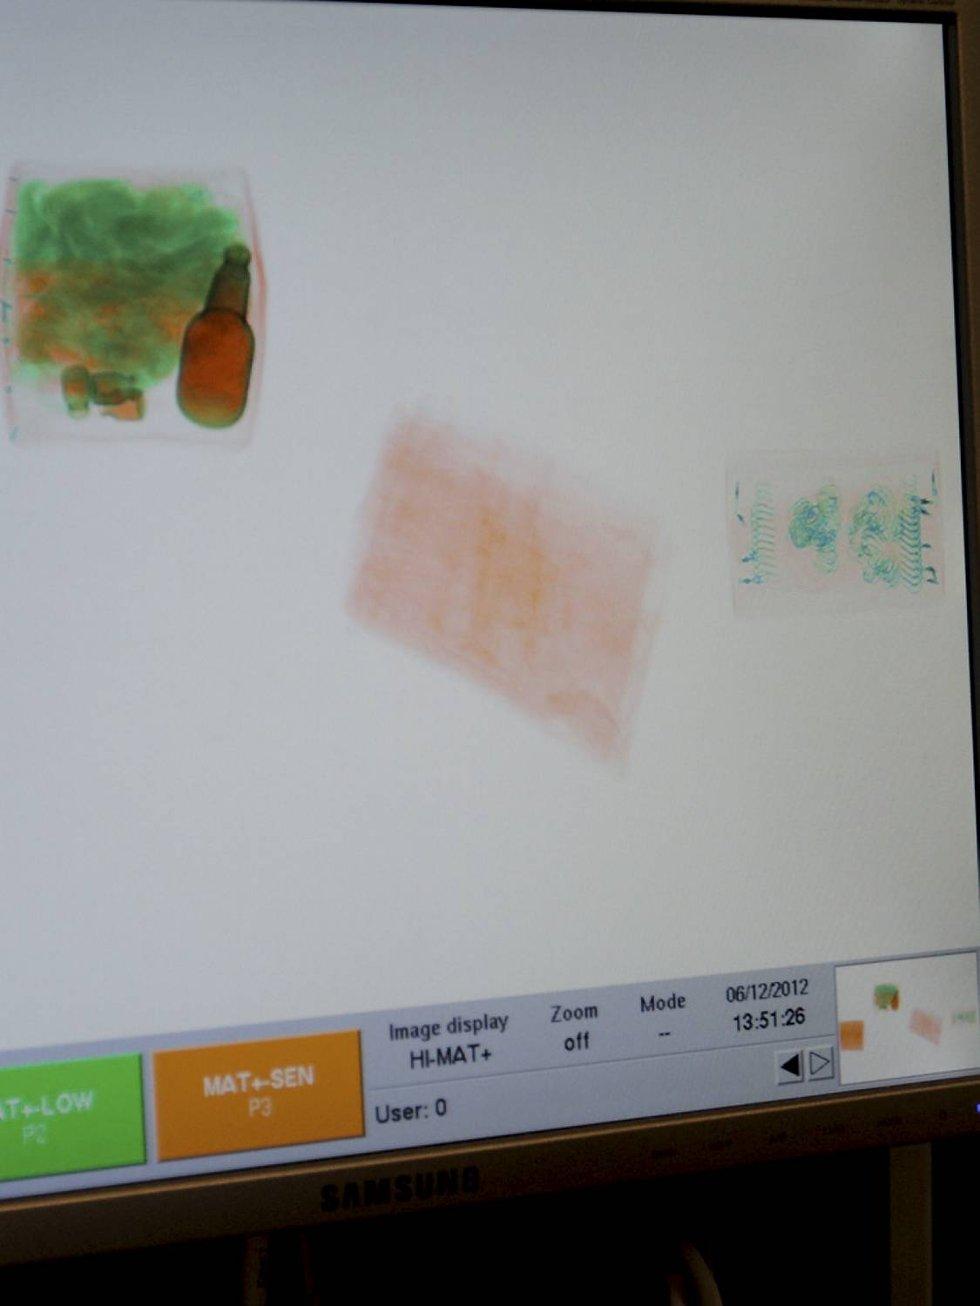 Denne pakken ble sendt gjennom røntgen, men det var ikke noe som måtte sjekkes ytterligere. Derfor åpnet ikke tollerne pakken. (røntgenfoto til høyre)